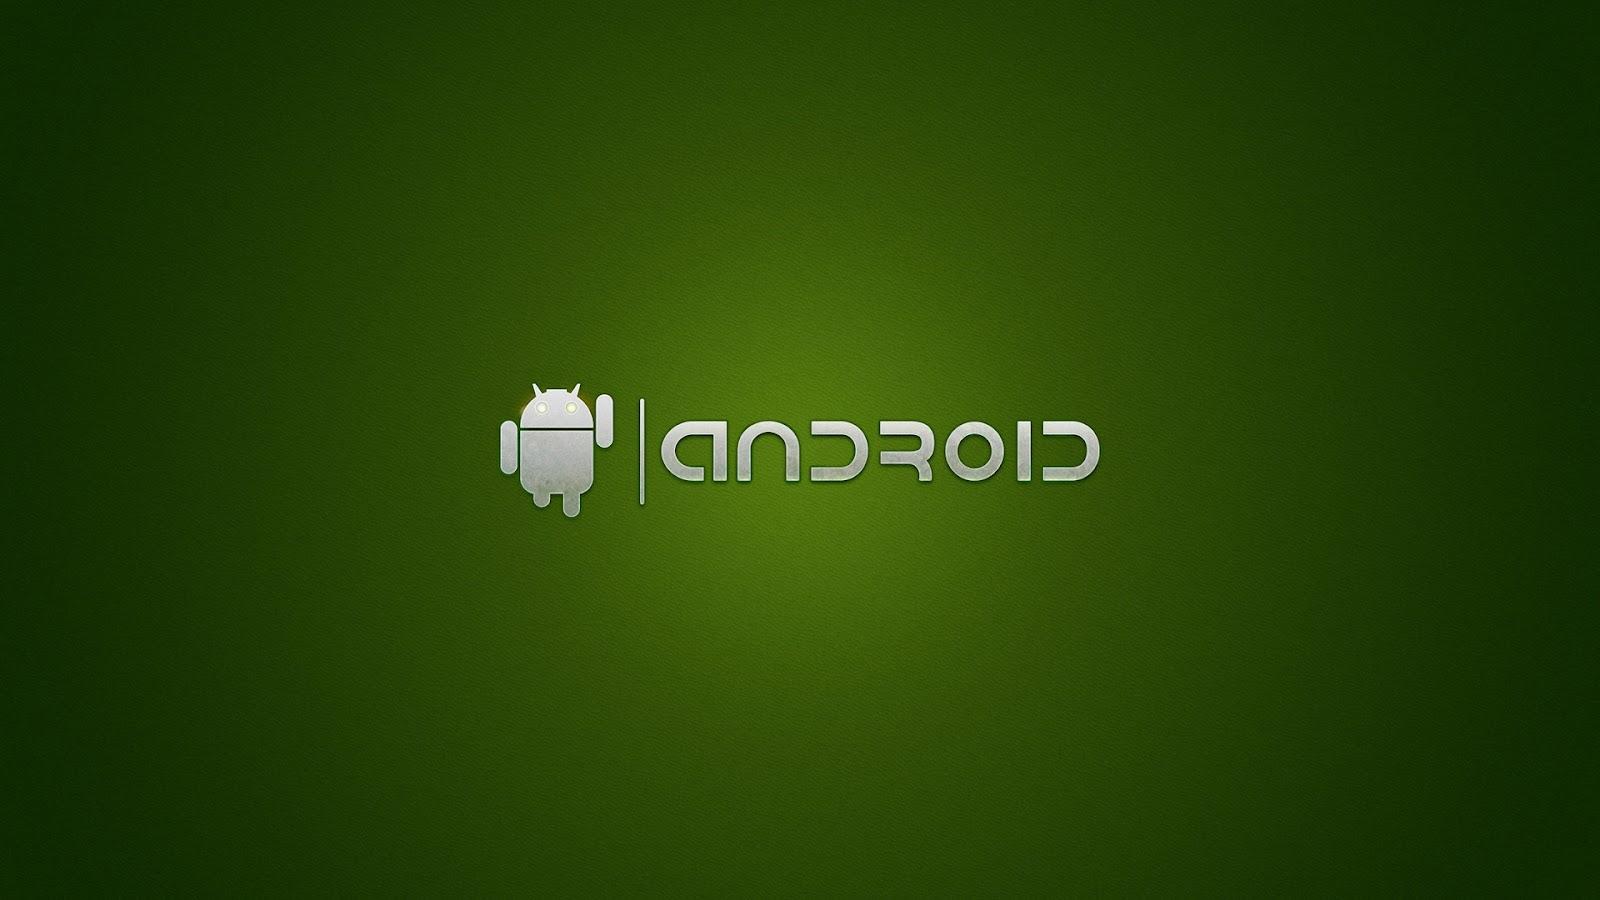 http://1.bp.blogspot.com/-DxqfNHJ87oc/T2RqFMIR_QI/AAAAAAAAAFw/3zhtEG8bQn4/s1600/android-4601.jpg